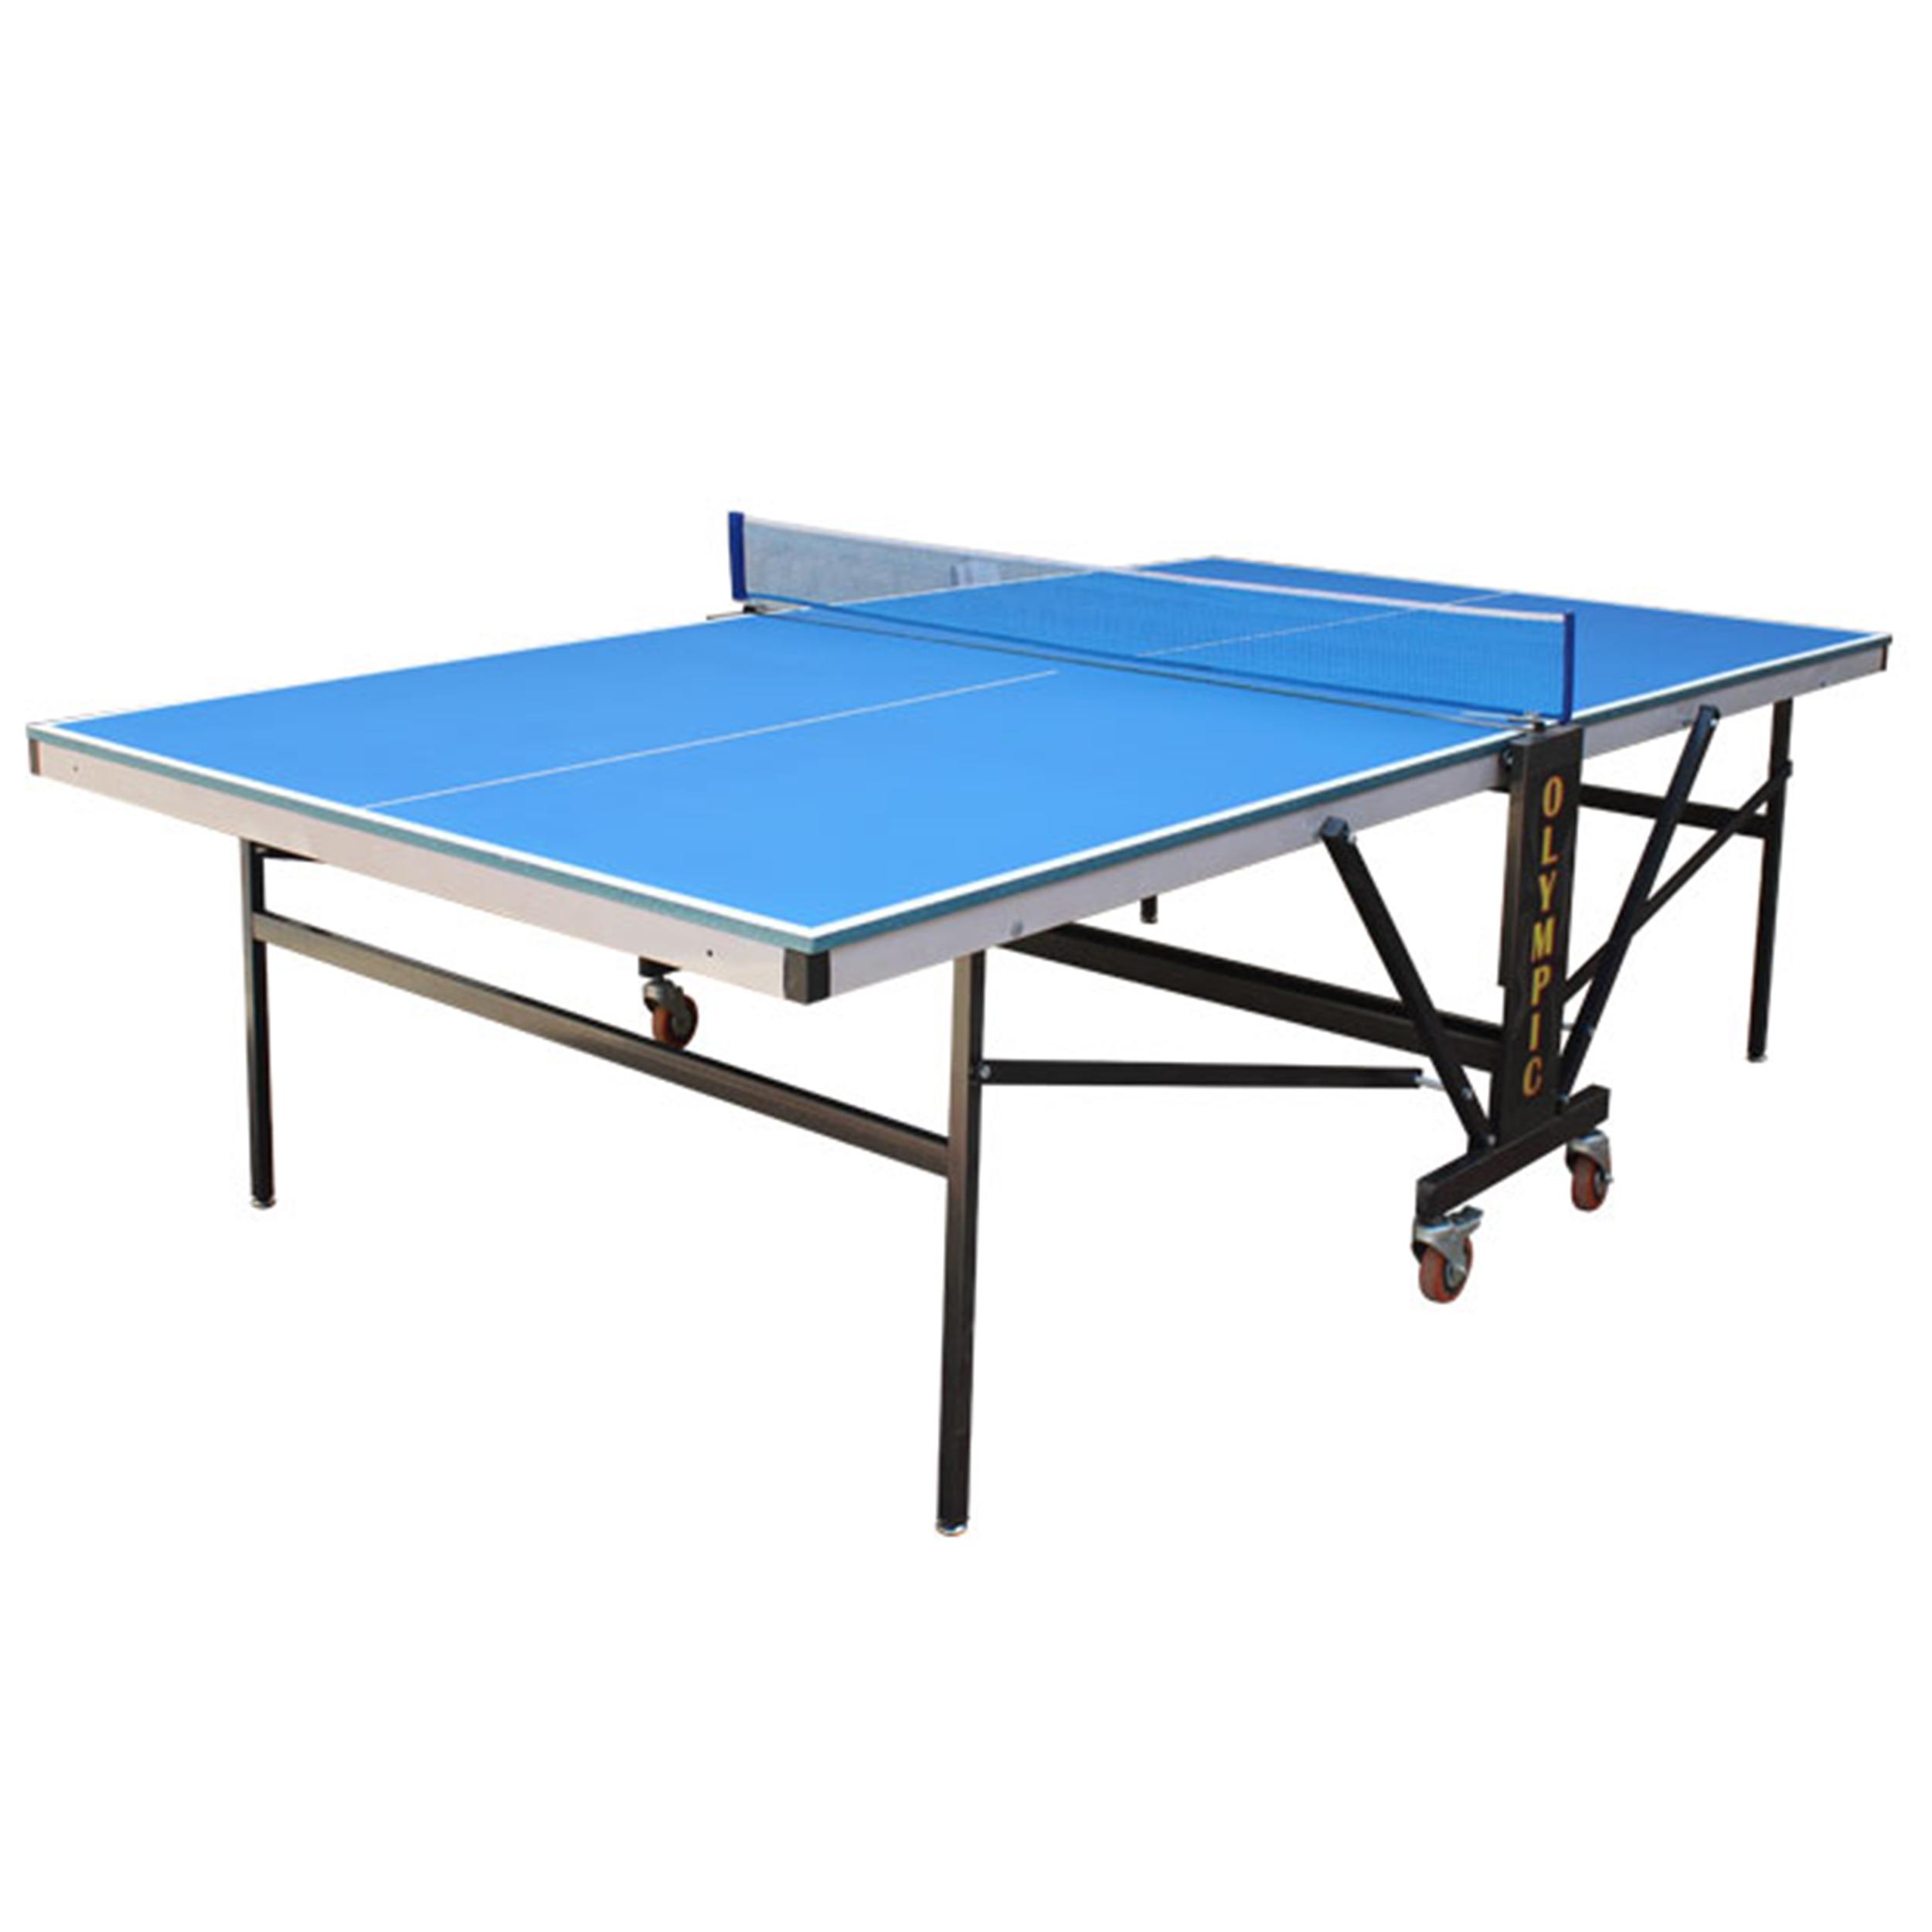 میز پینگ پنگ المپیک مدل 33